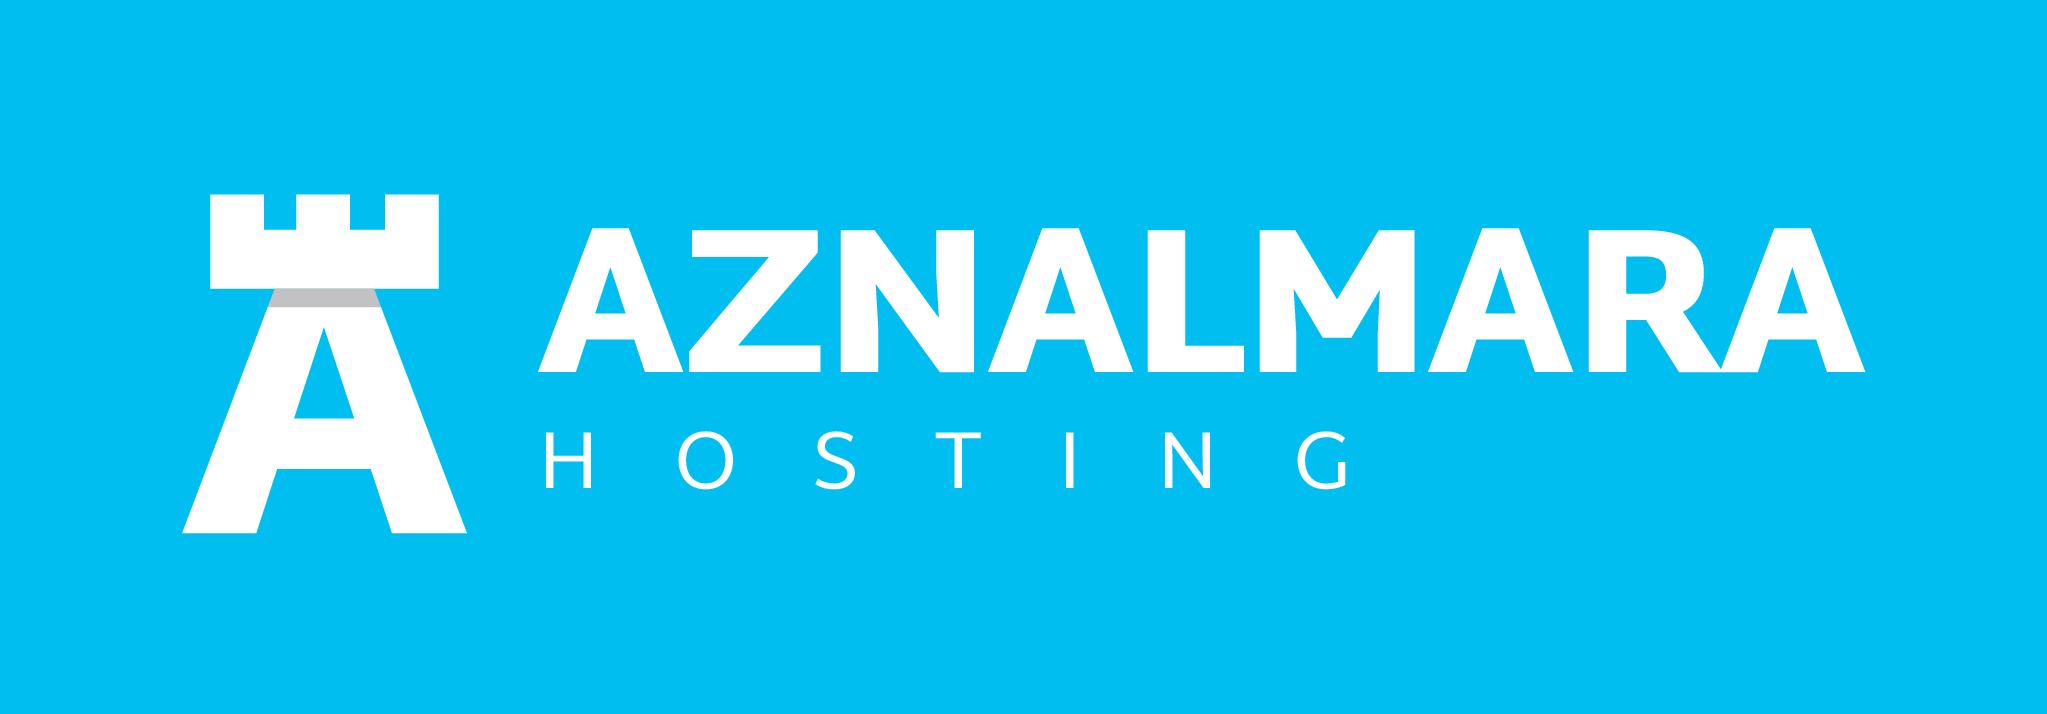 LOGO_AZNALMARA®_HOSTING_BLANCO_FONDO_AZUL_IZQDA